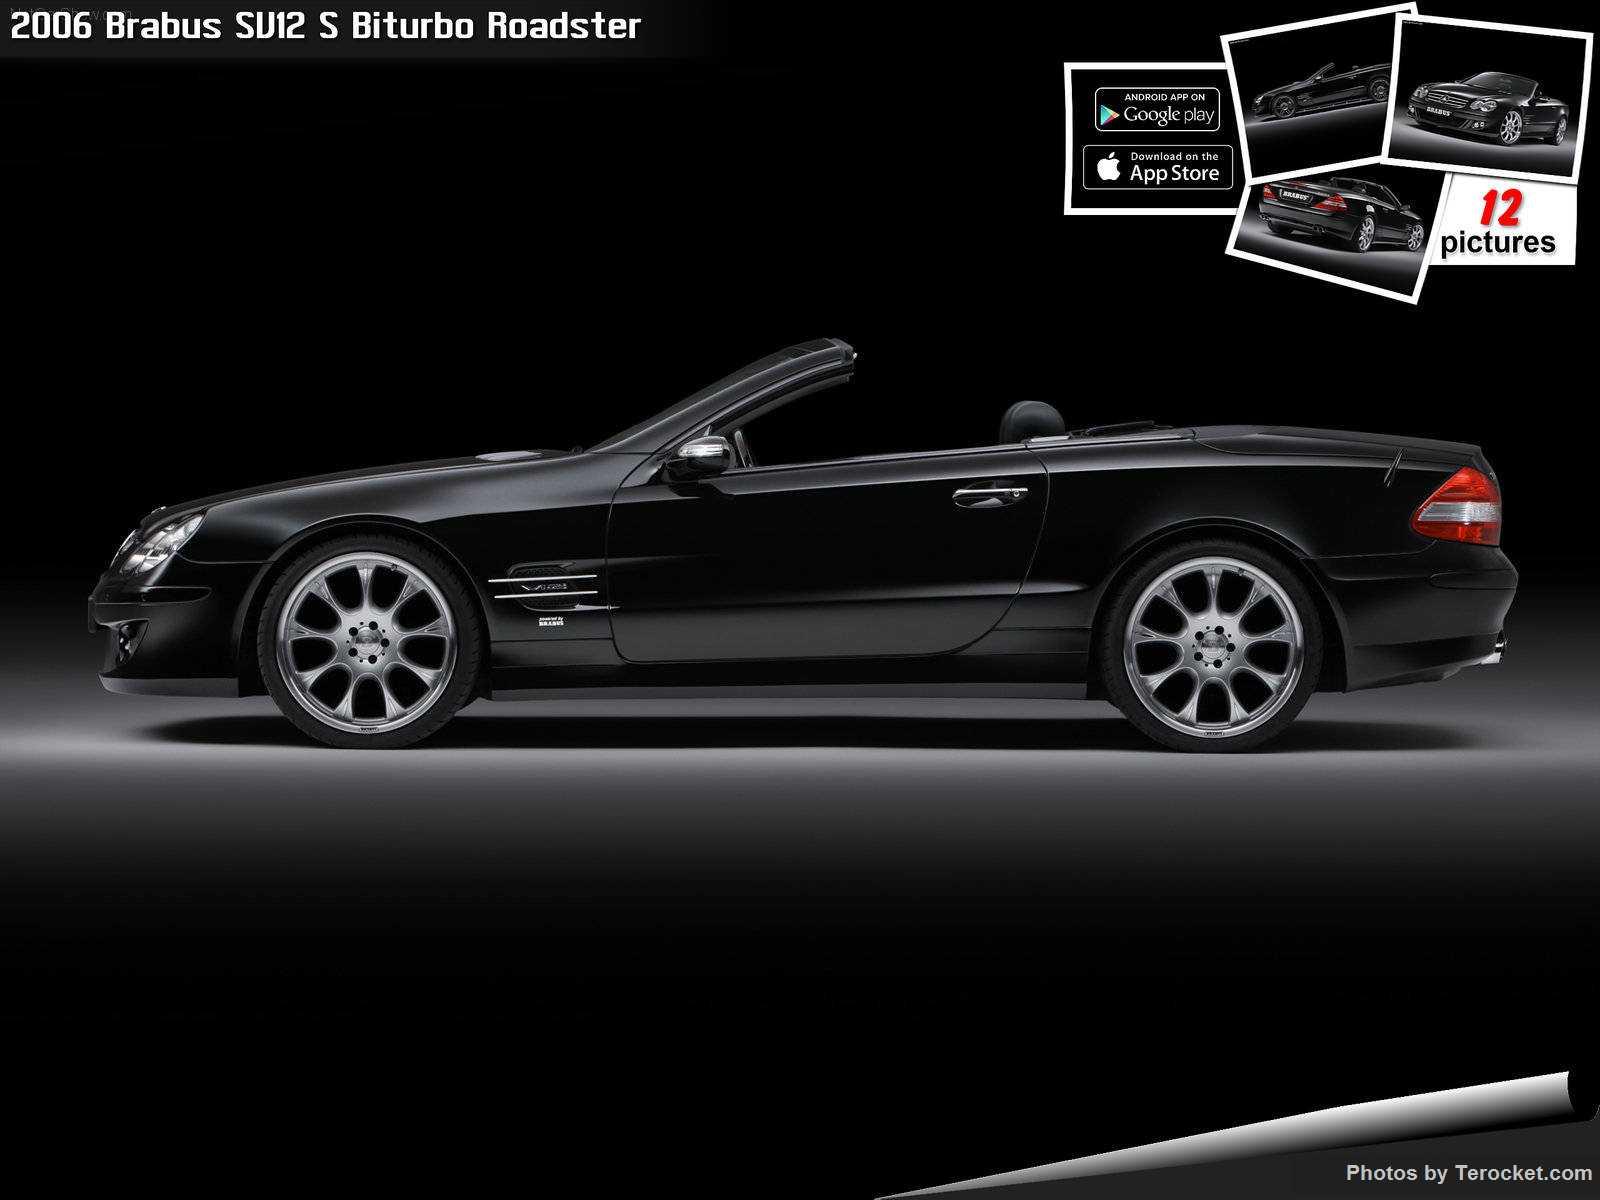 Hình ảnh xe ô tô Brabus SV12 S Biturbo Roadster 2006 & nội ngoại thất